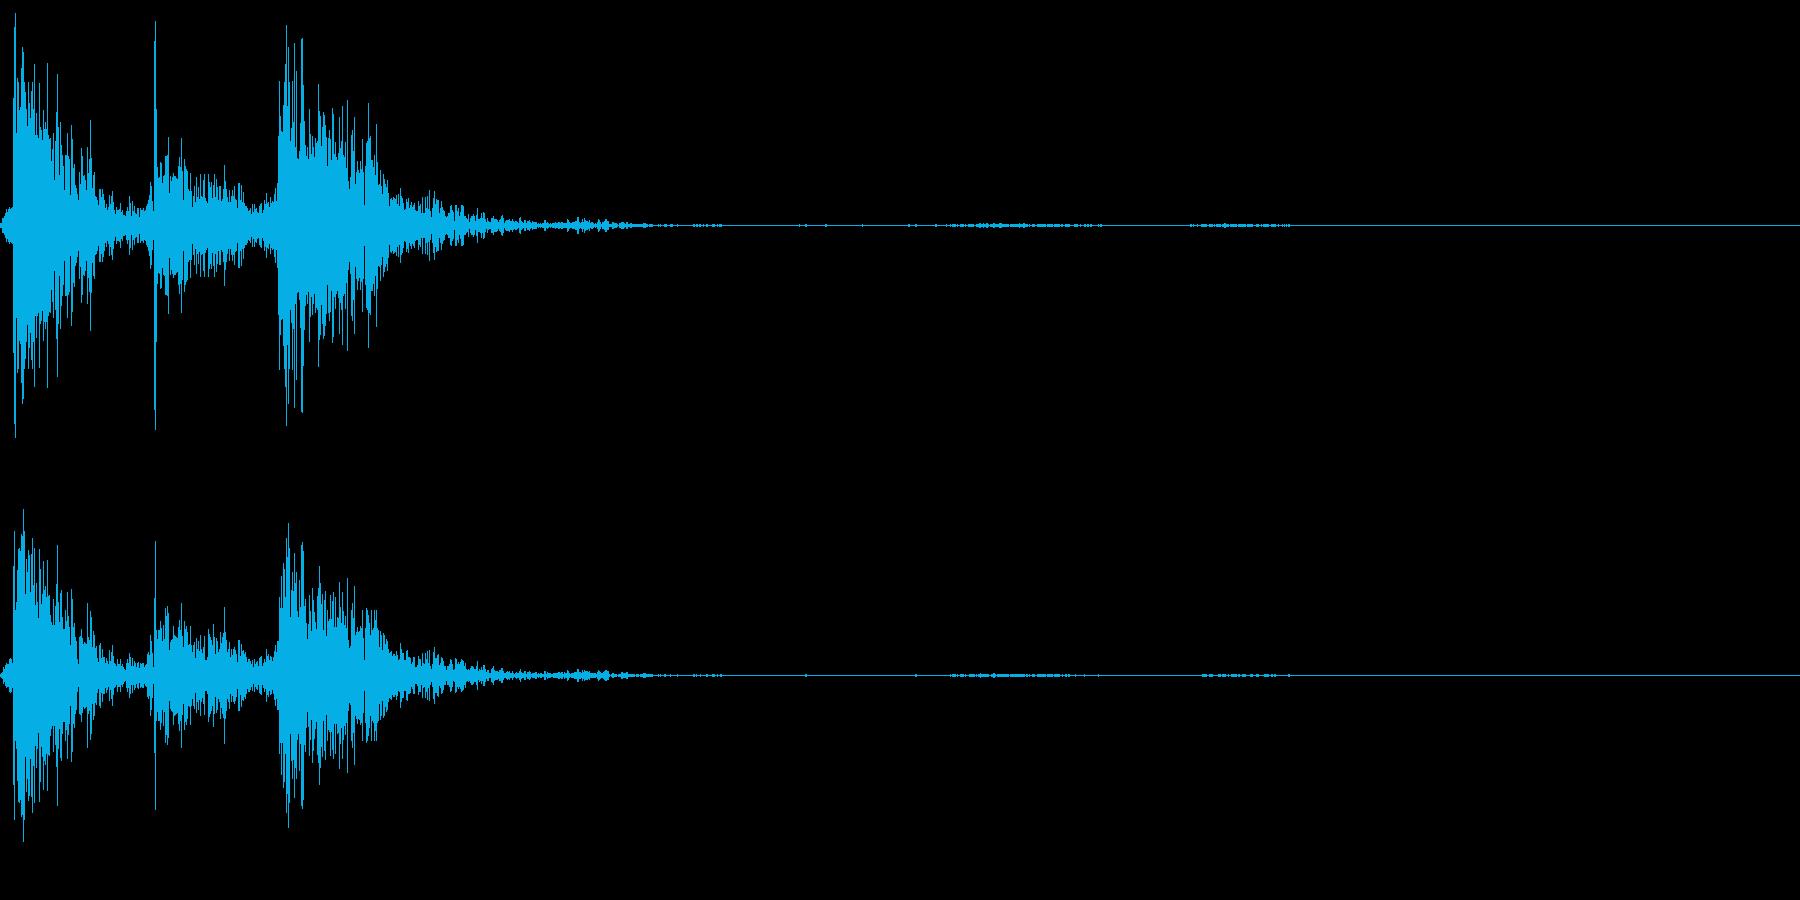 公衆電話の受話器を置く音の再生済みの波形